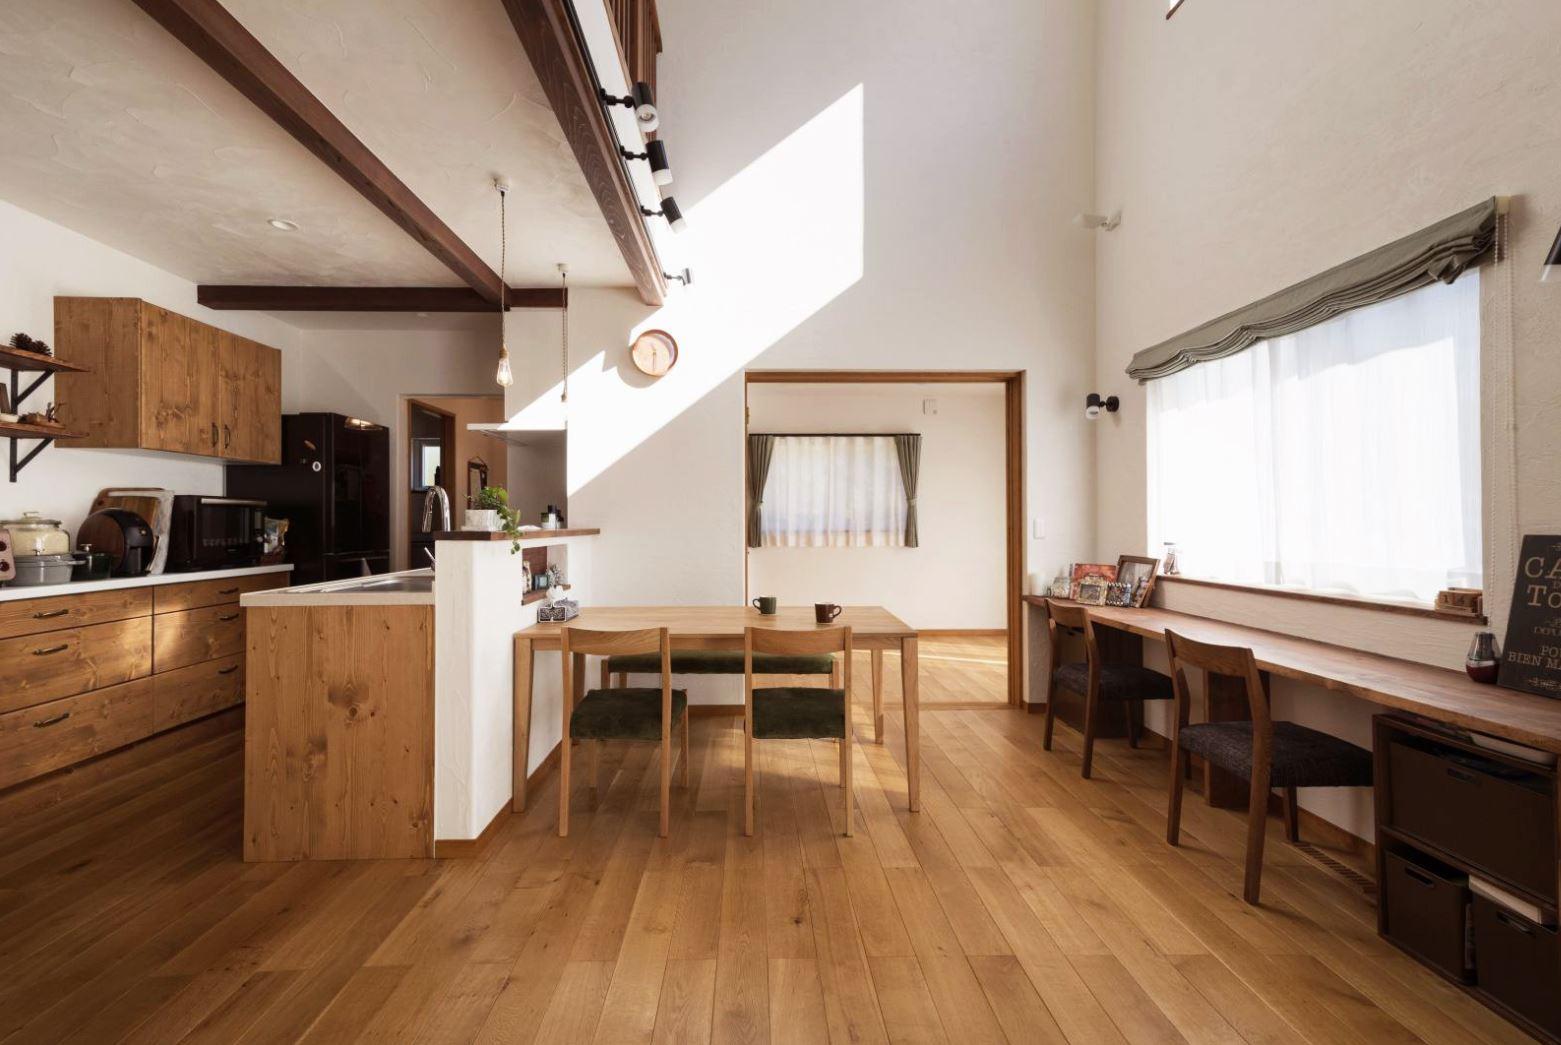 アイジースタイルハウス【収納力、自然素材、間取り】吹抜けのダイニングキッチン。無垢フローリングの色、質感に合わせてキッチンとカップボードをコーディネートした。『アイジー』の家は断熱性がとても良いので、吹抜けにした方が冷暖房効率がより高まる